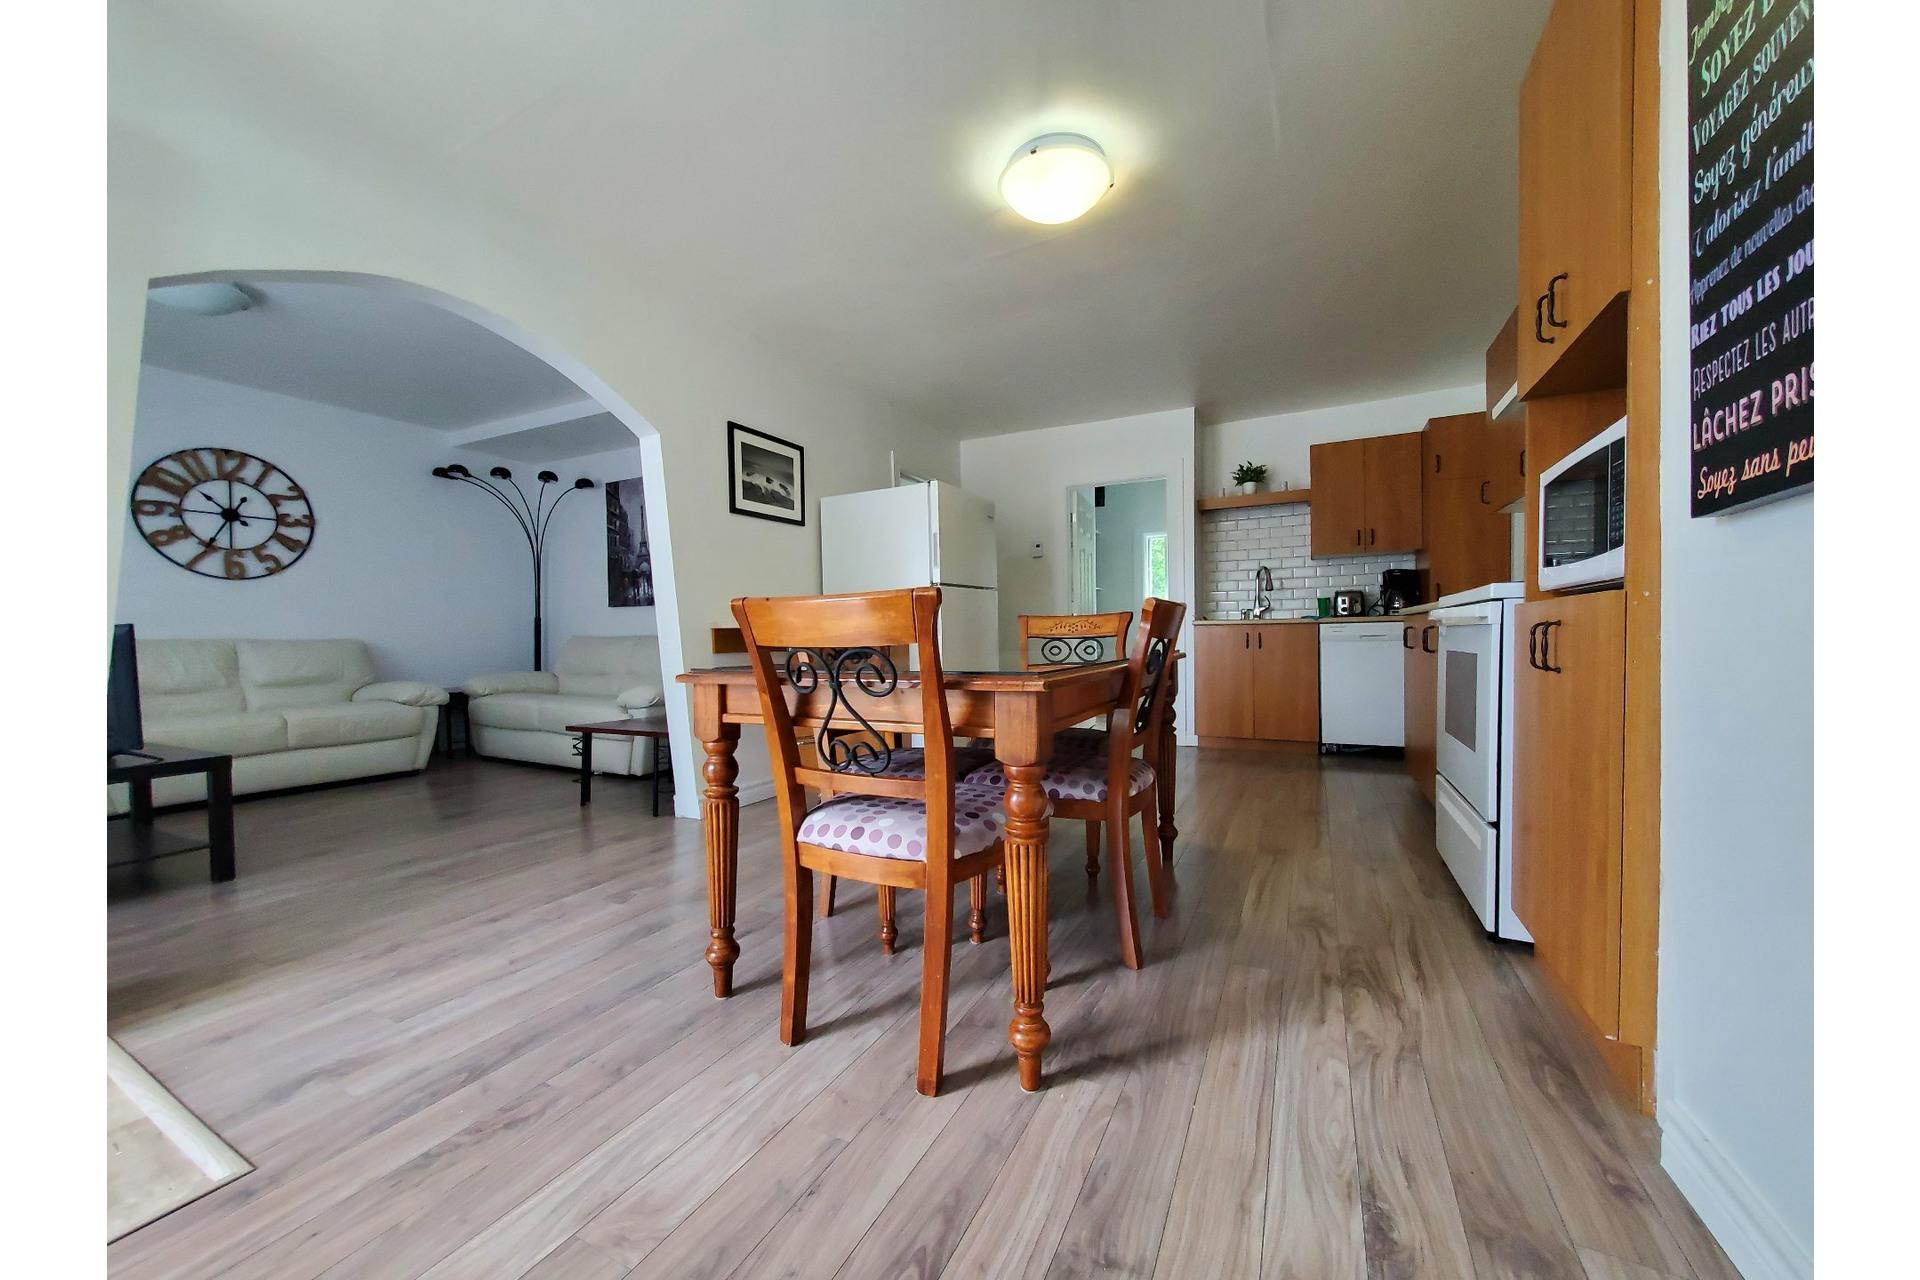 image 5 - Duplex For sale Trois-Rivières - 6 rooms